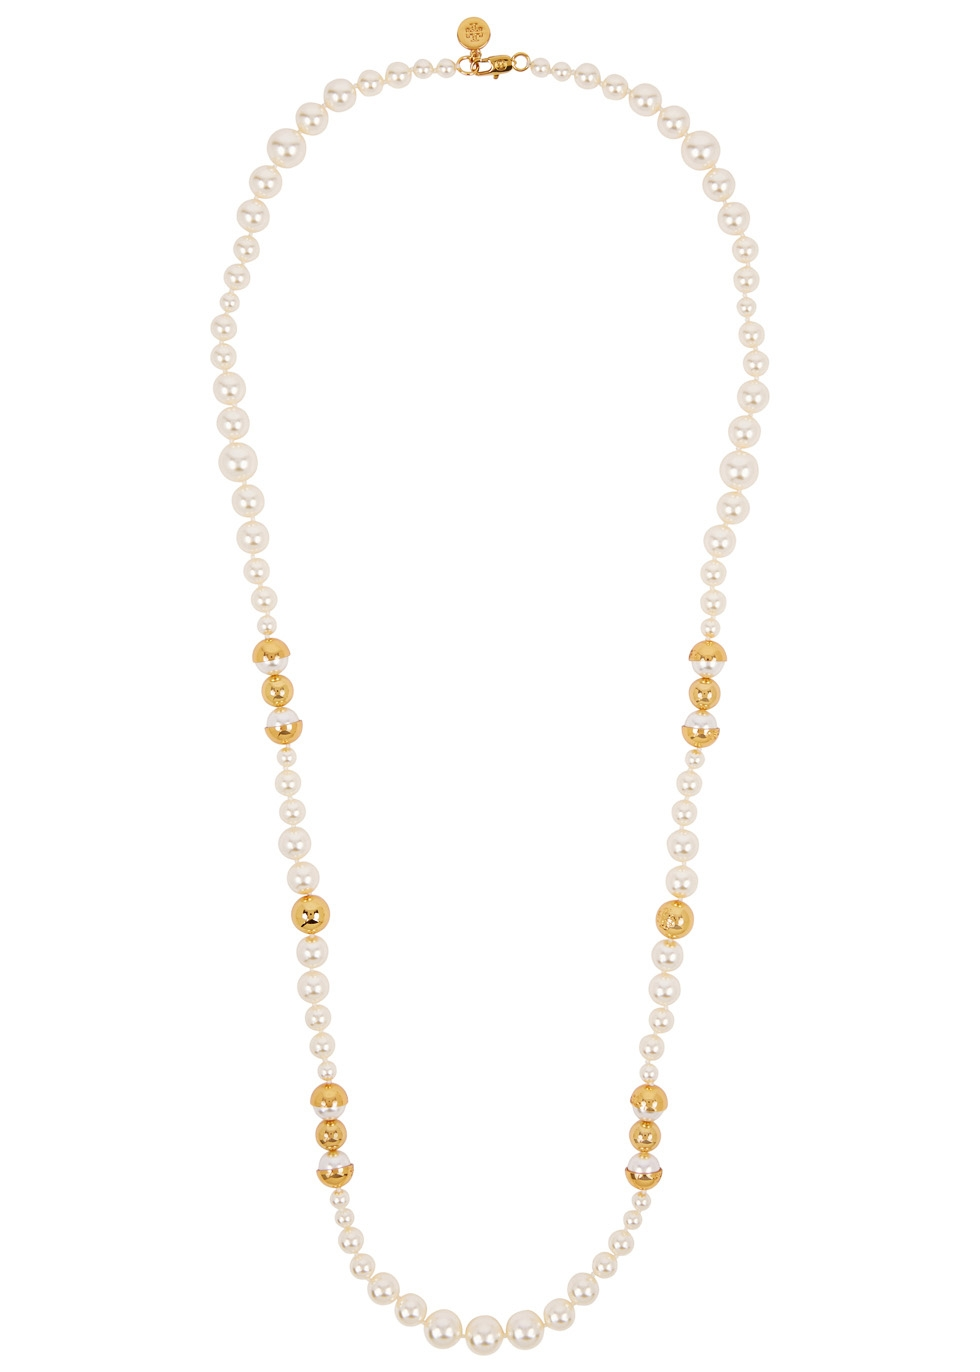 Swarovski faux pearl necklace - Tory Burch